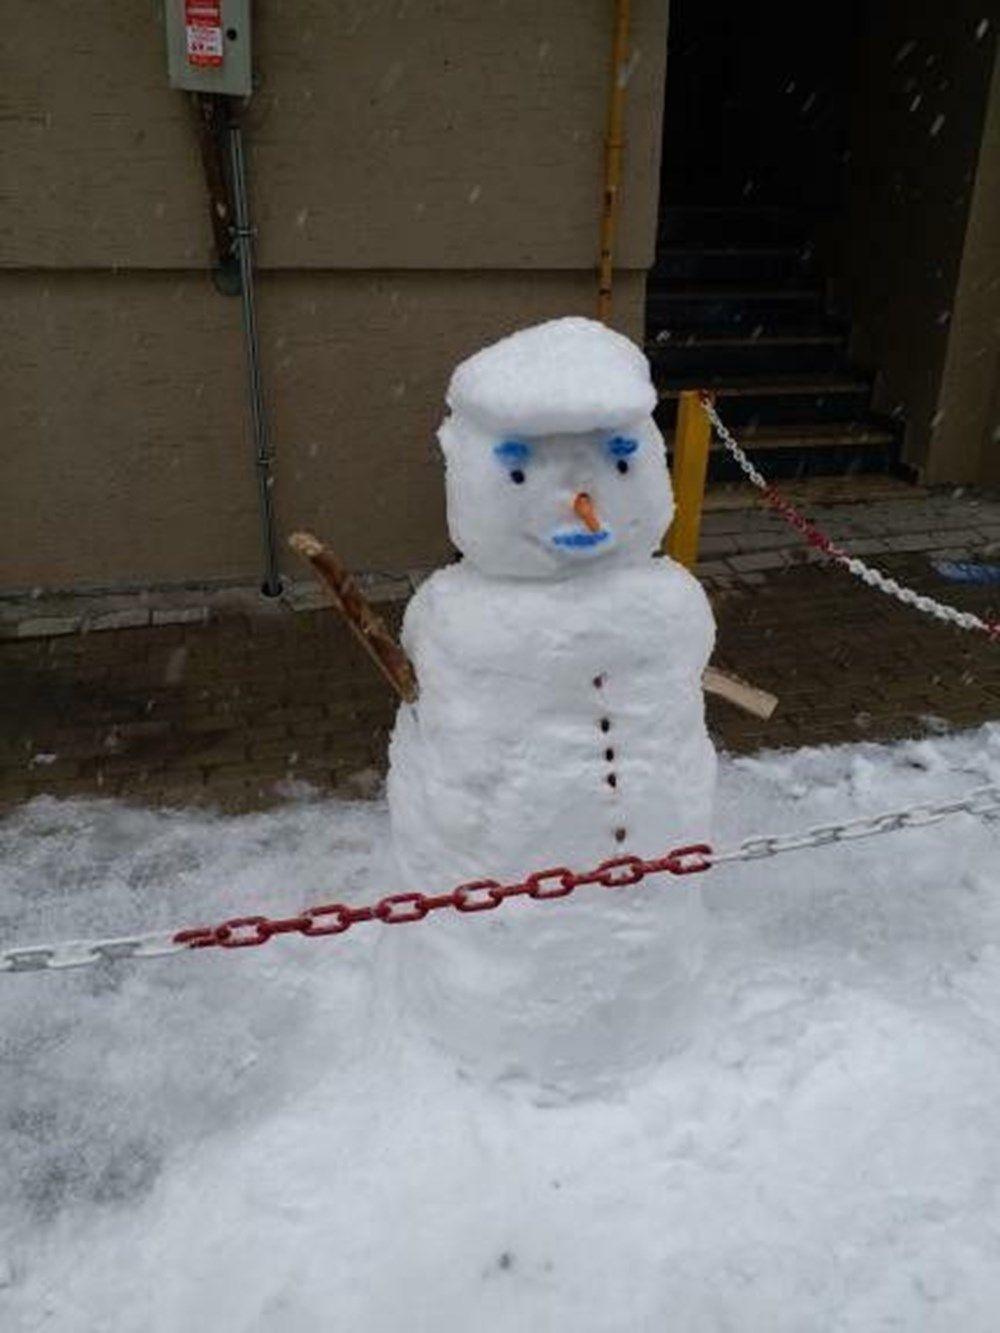 Kardan adam yapımında sınır tanımayan fikirler şaşkına çevirdi! - Sayfa 3